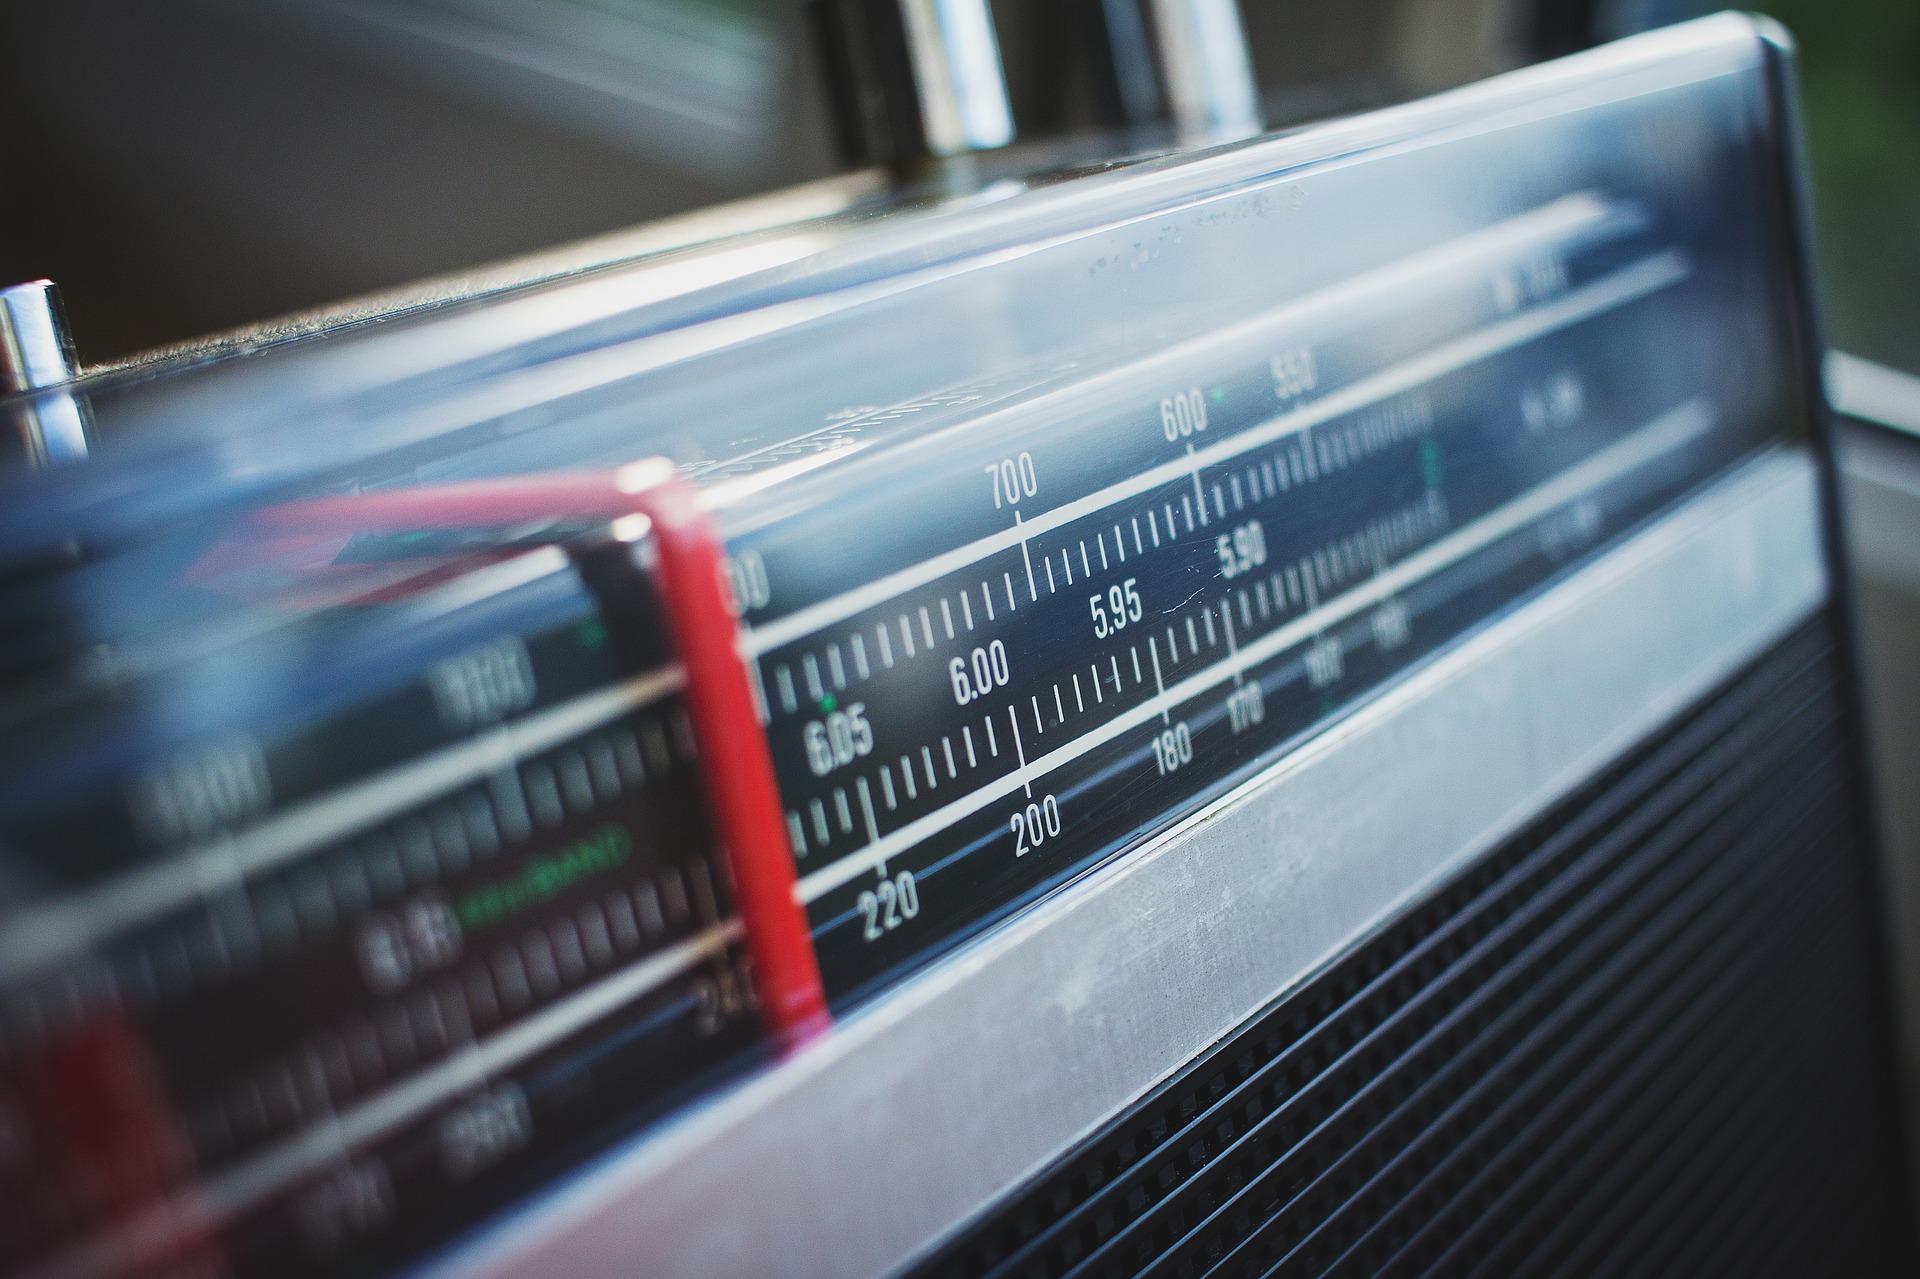 Radio Locali E Web: Dobbiamo Diversificare